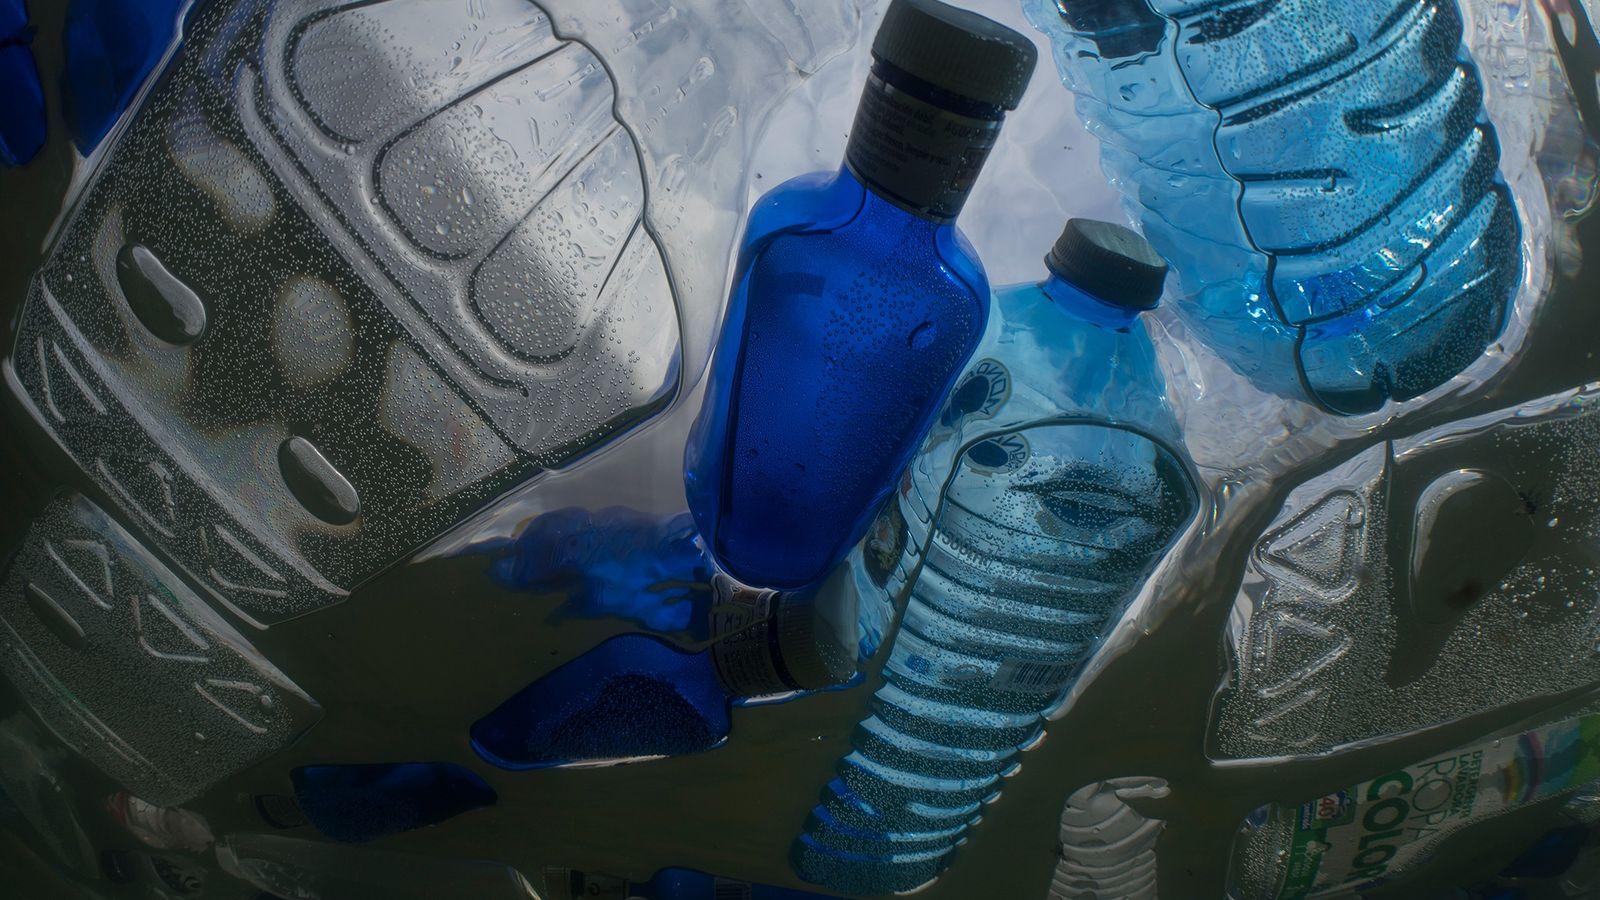 Los plásticos, como estas botellas, son objeto de limpieza de la máquina de recolección de residuos ...